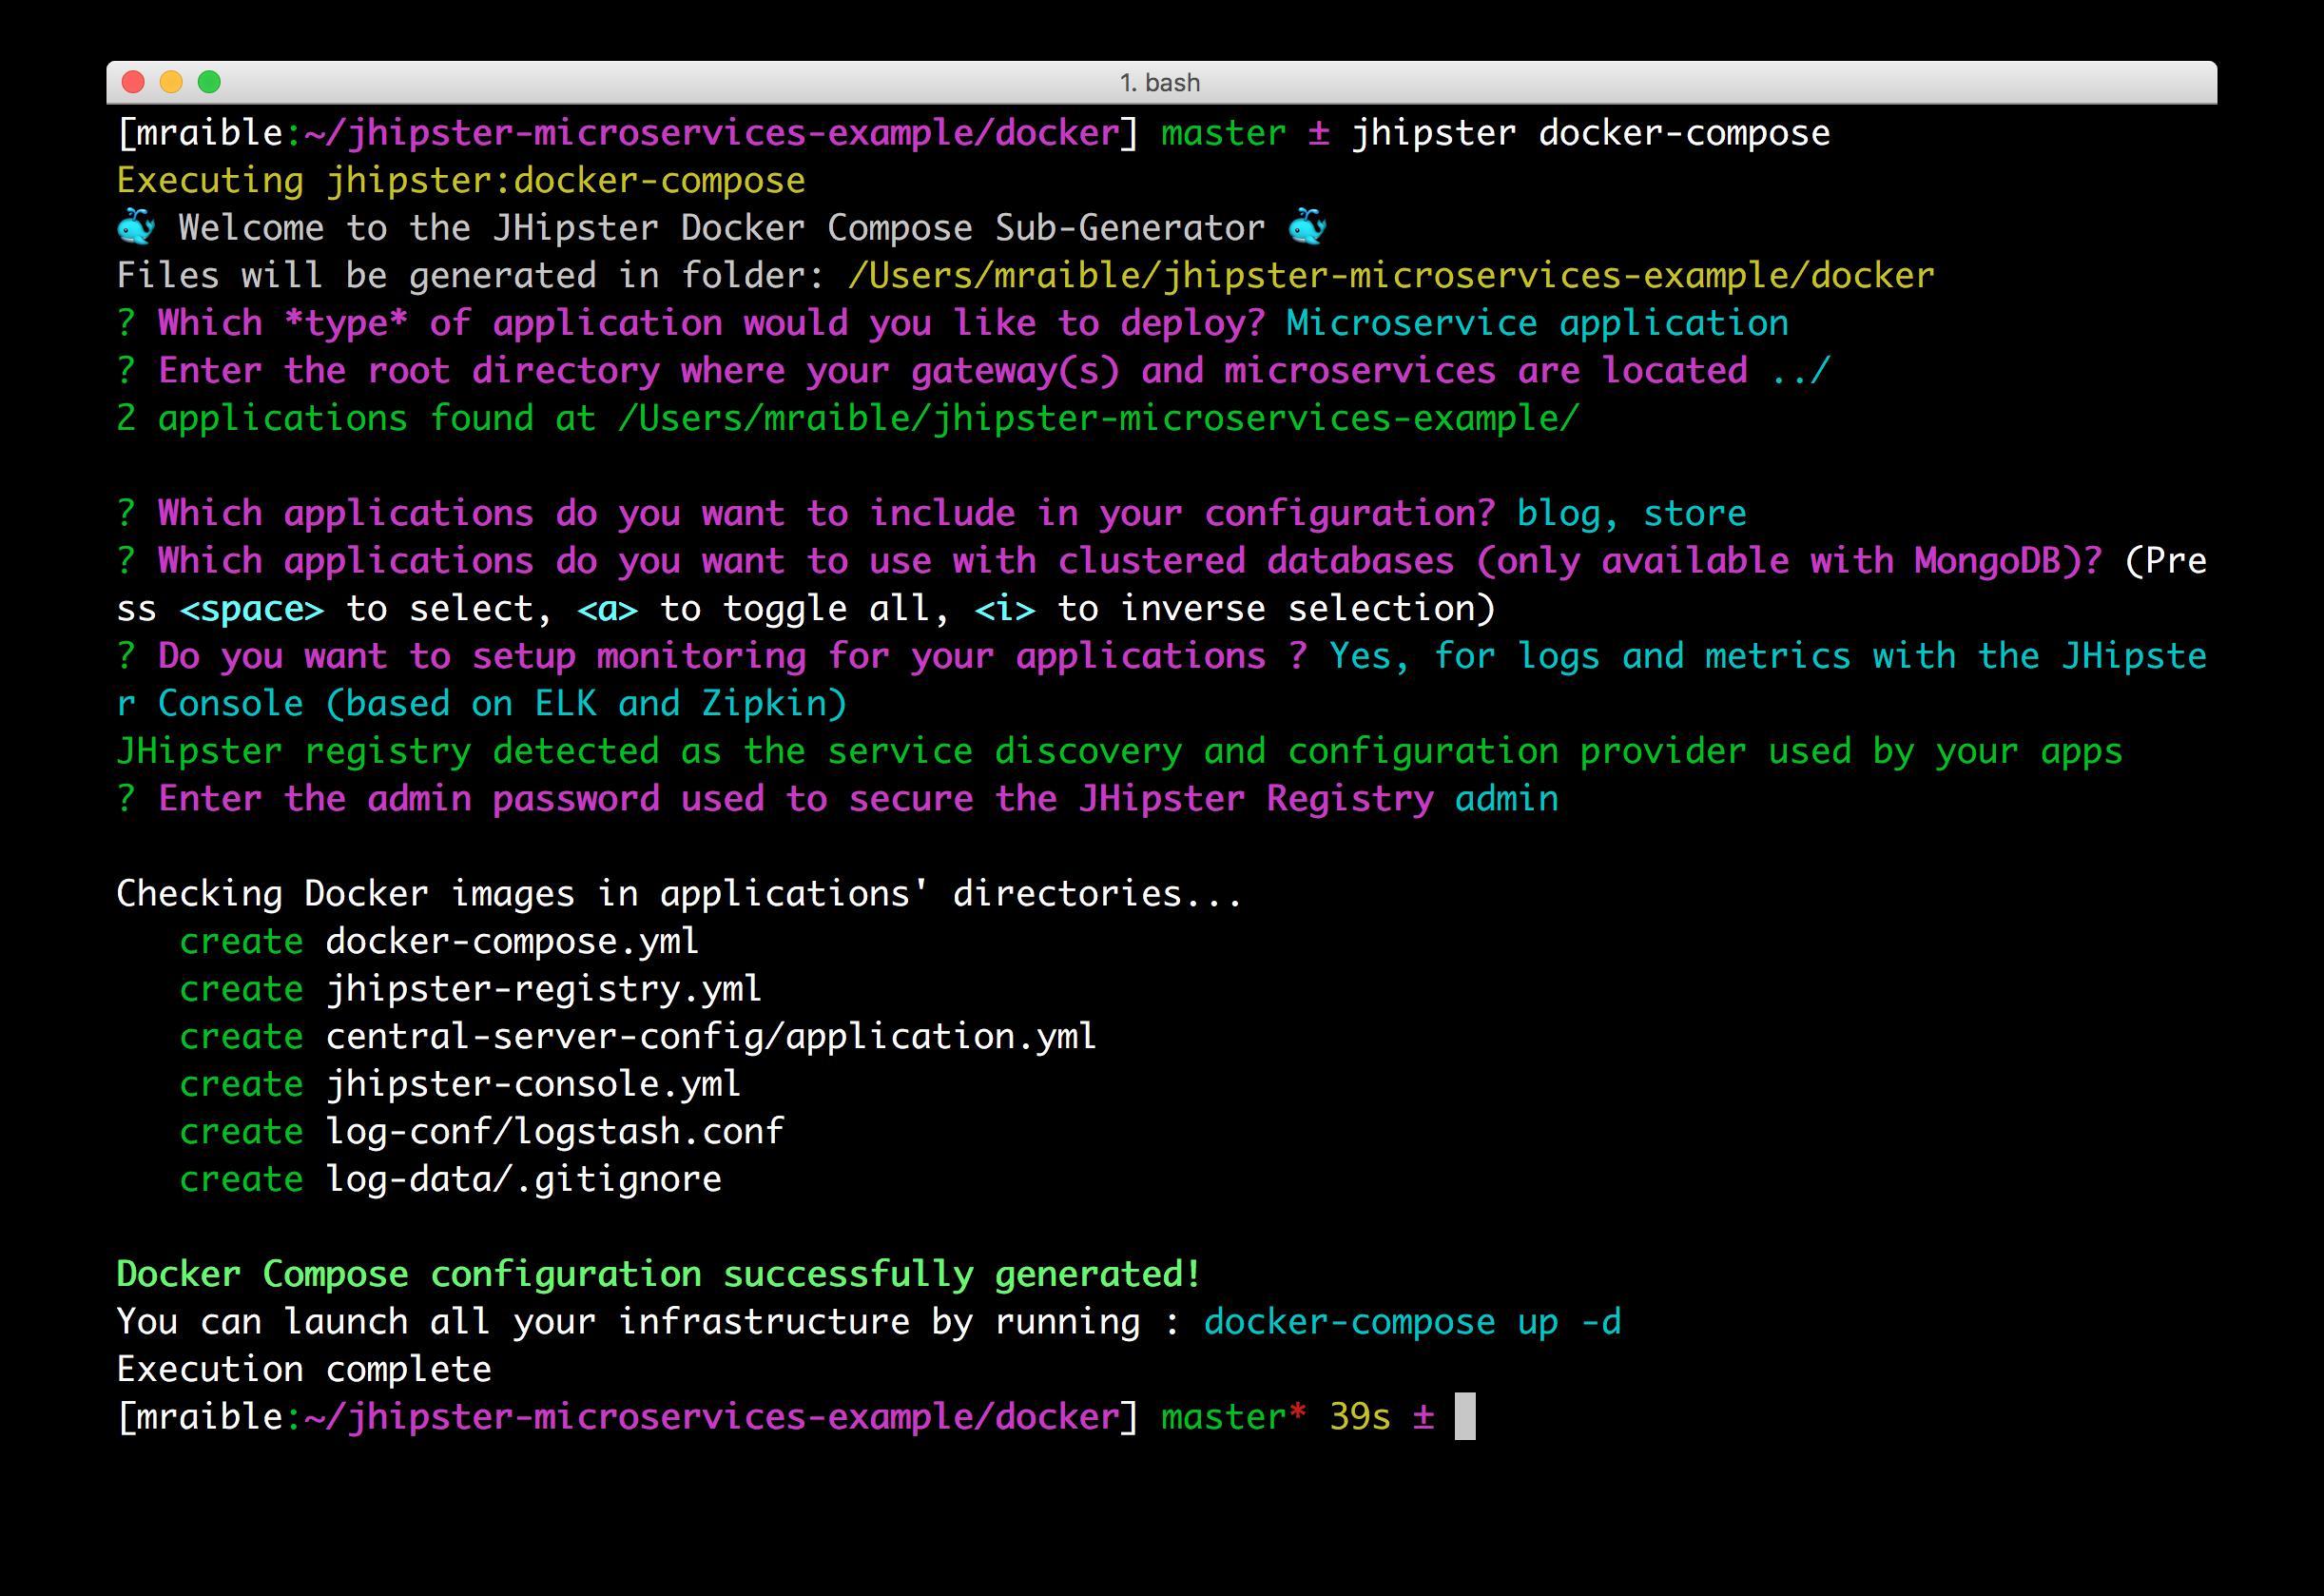 Generating Docker